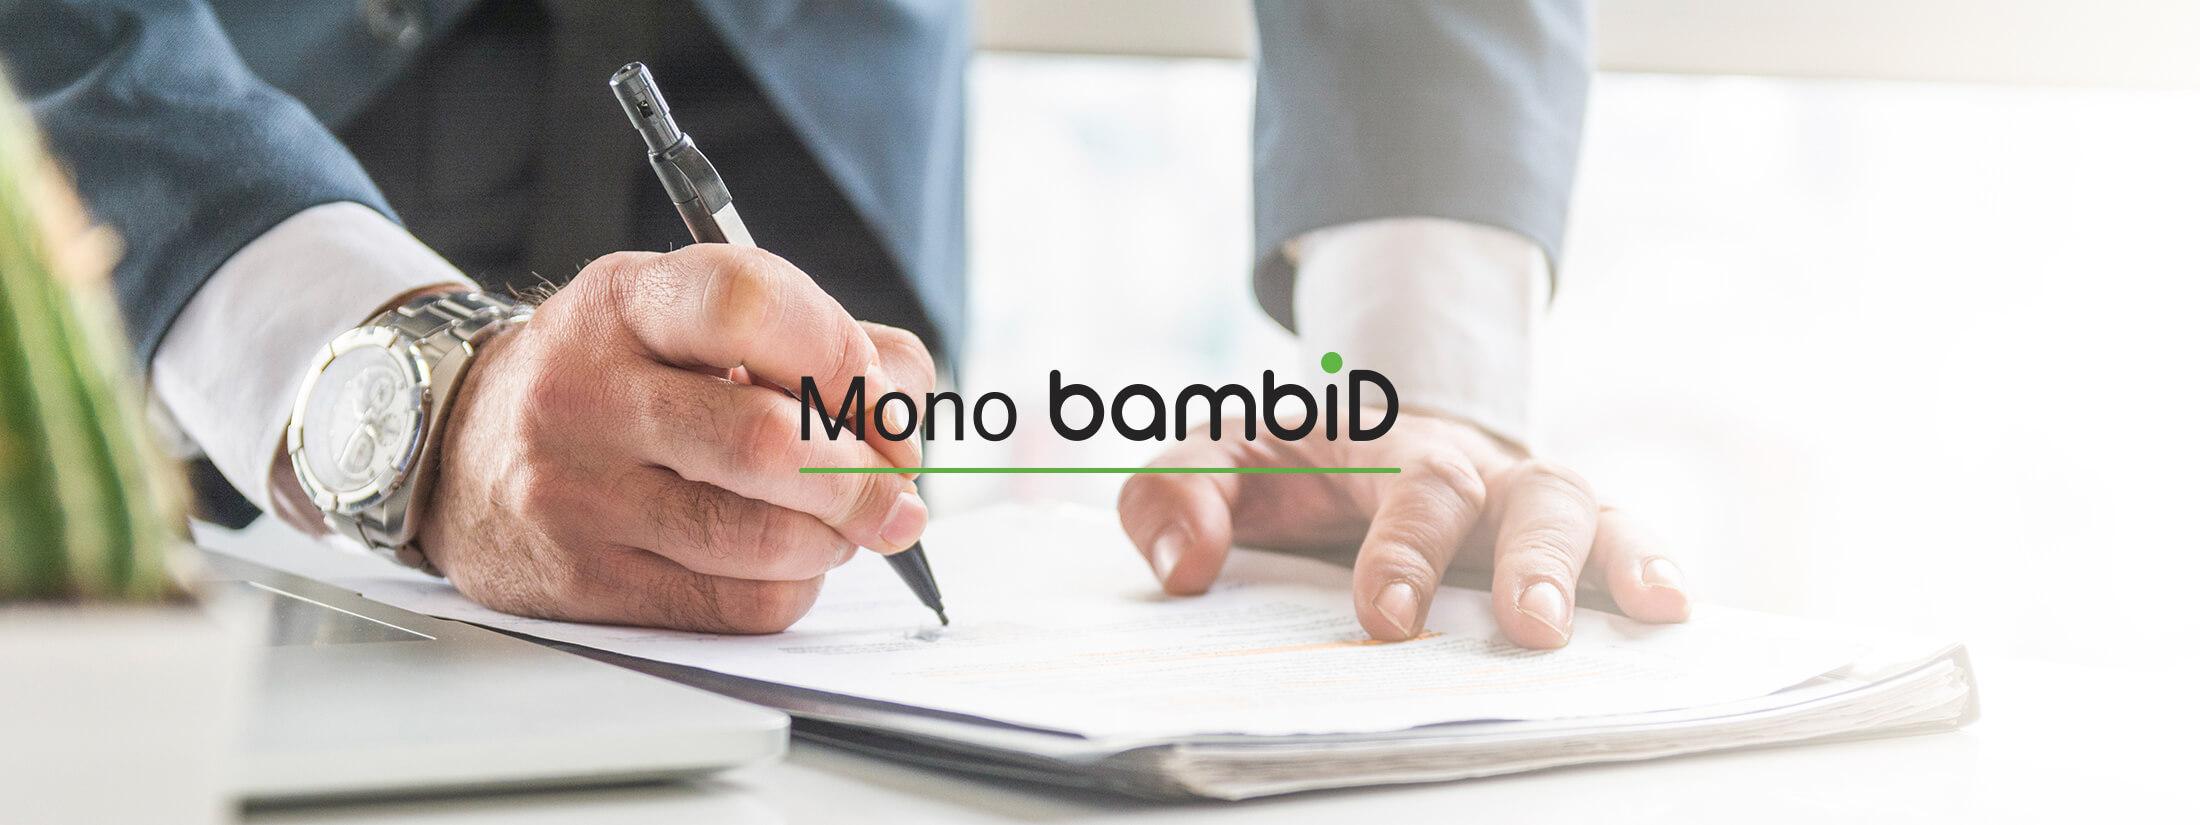 位置情報 物品 管理 IoTソリューション Mono bambiD